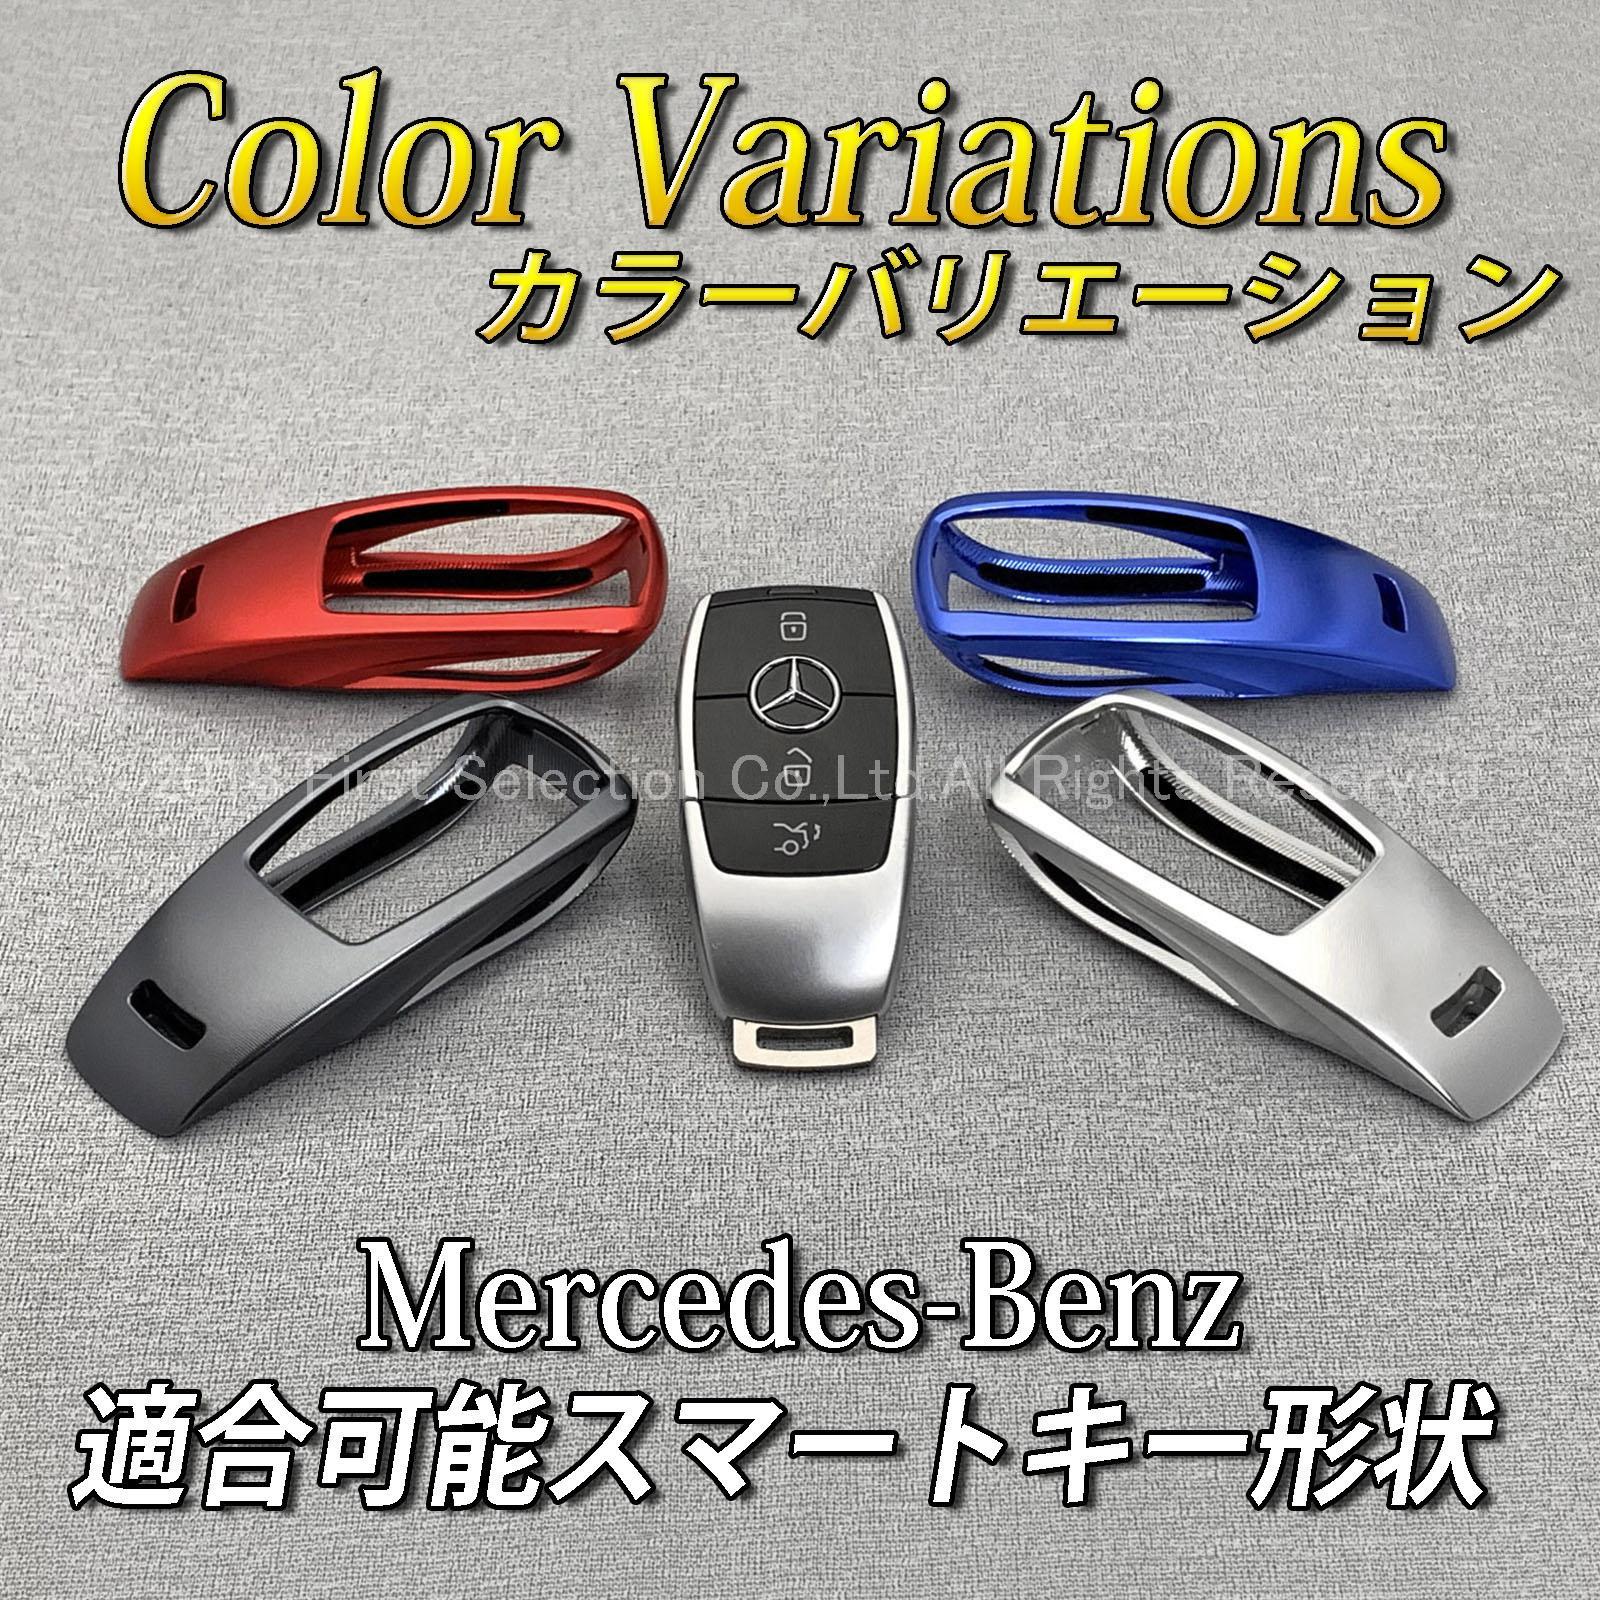 Mercedes-Benz ベンツ 新型スマートキー用 軽量金属製スマートキーカバー青 W177 V177 W247 W205 W213 W222 C118 C257 H247 X247 X167